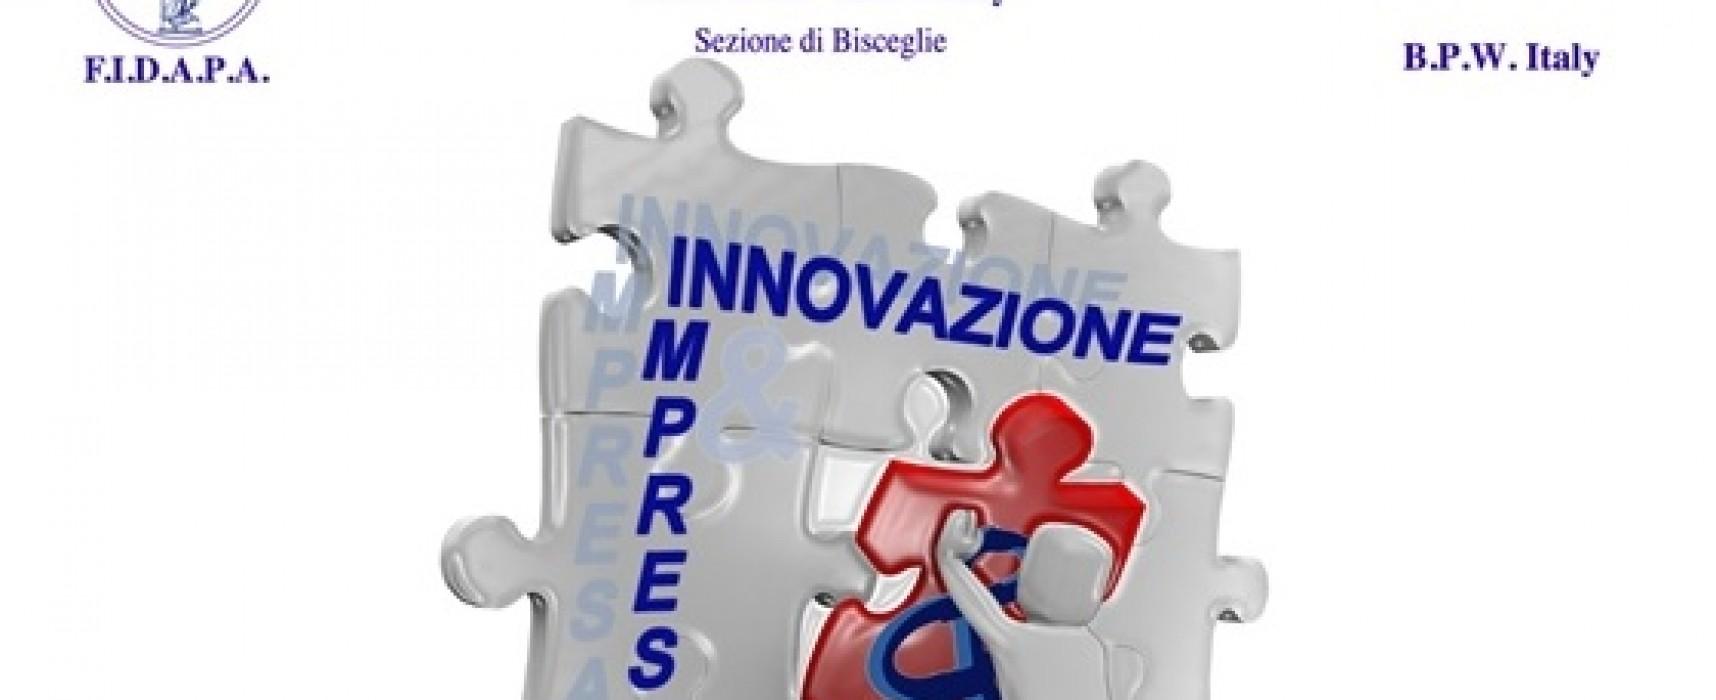 """""""Innovazione & Impresa"""" a cura della FIdapa di Bisceglie"""